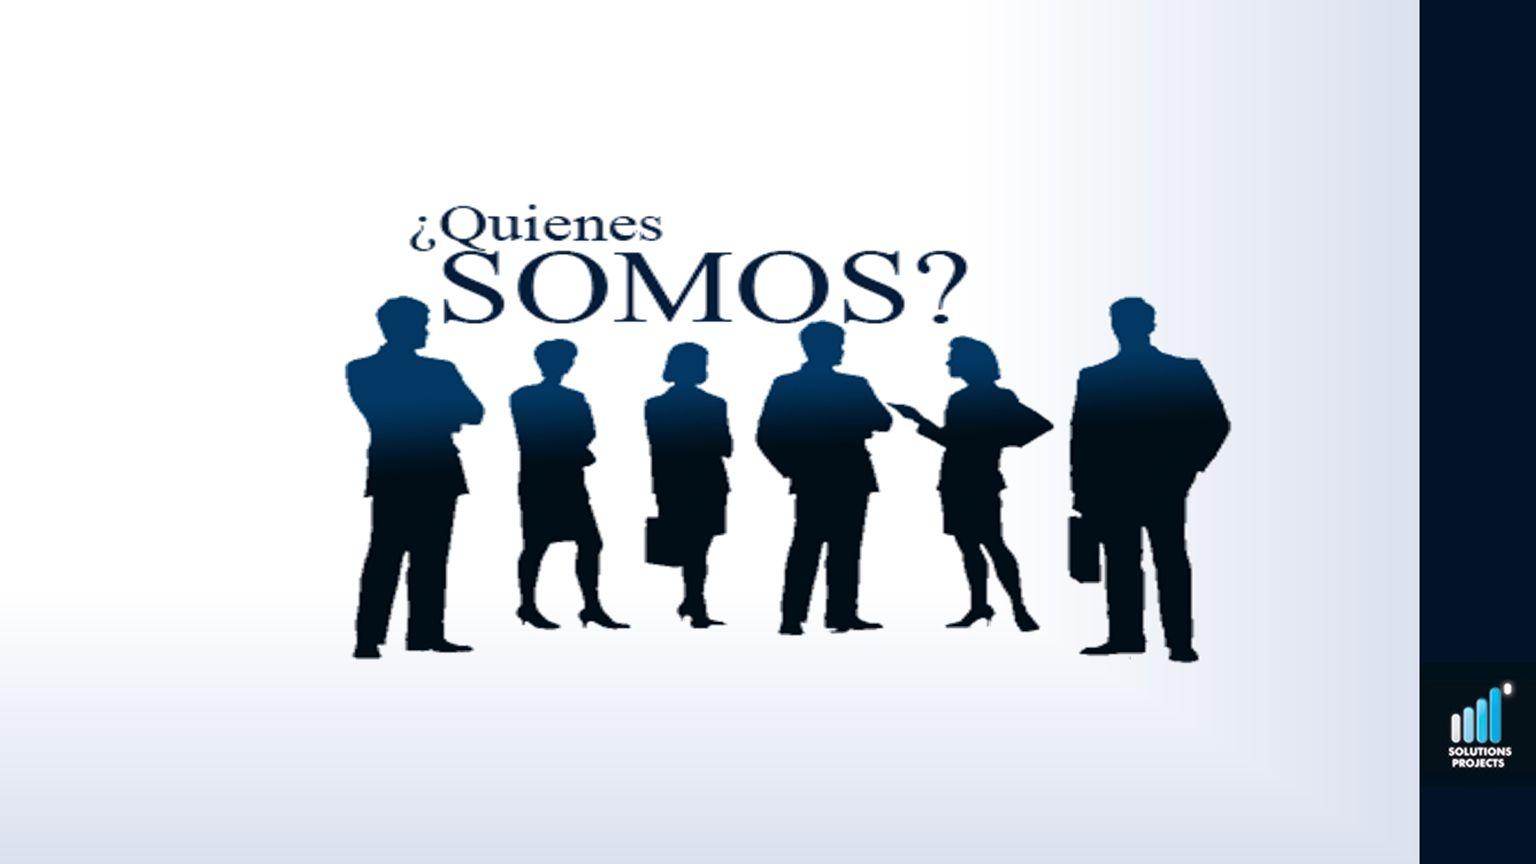 Los proyectos en Soluciones SAU, están enfocados en atender los requerimientos e incidencias de sus usuarios.